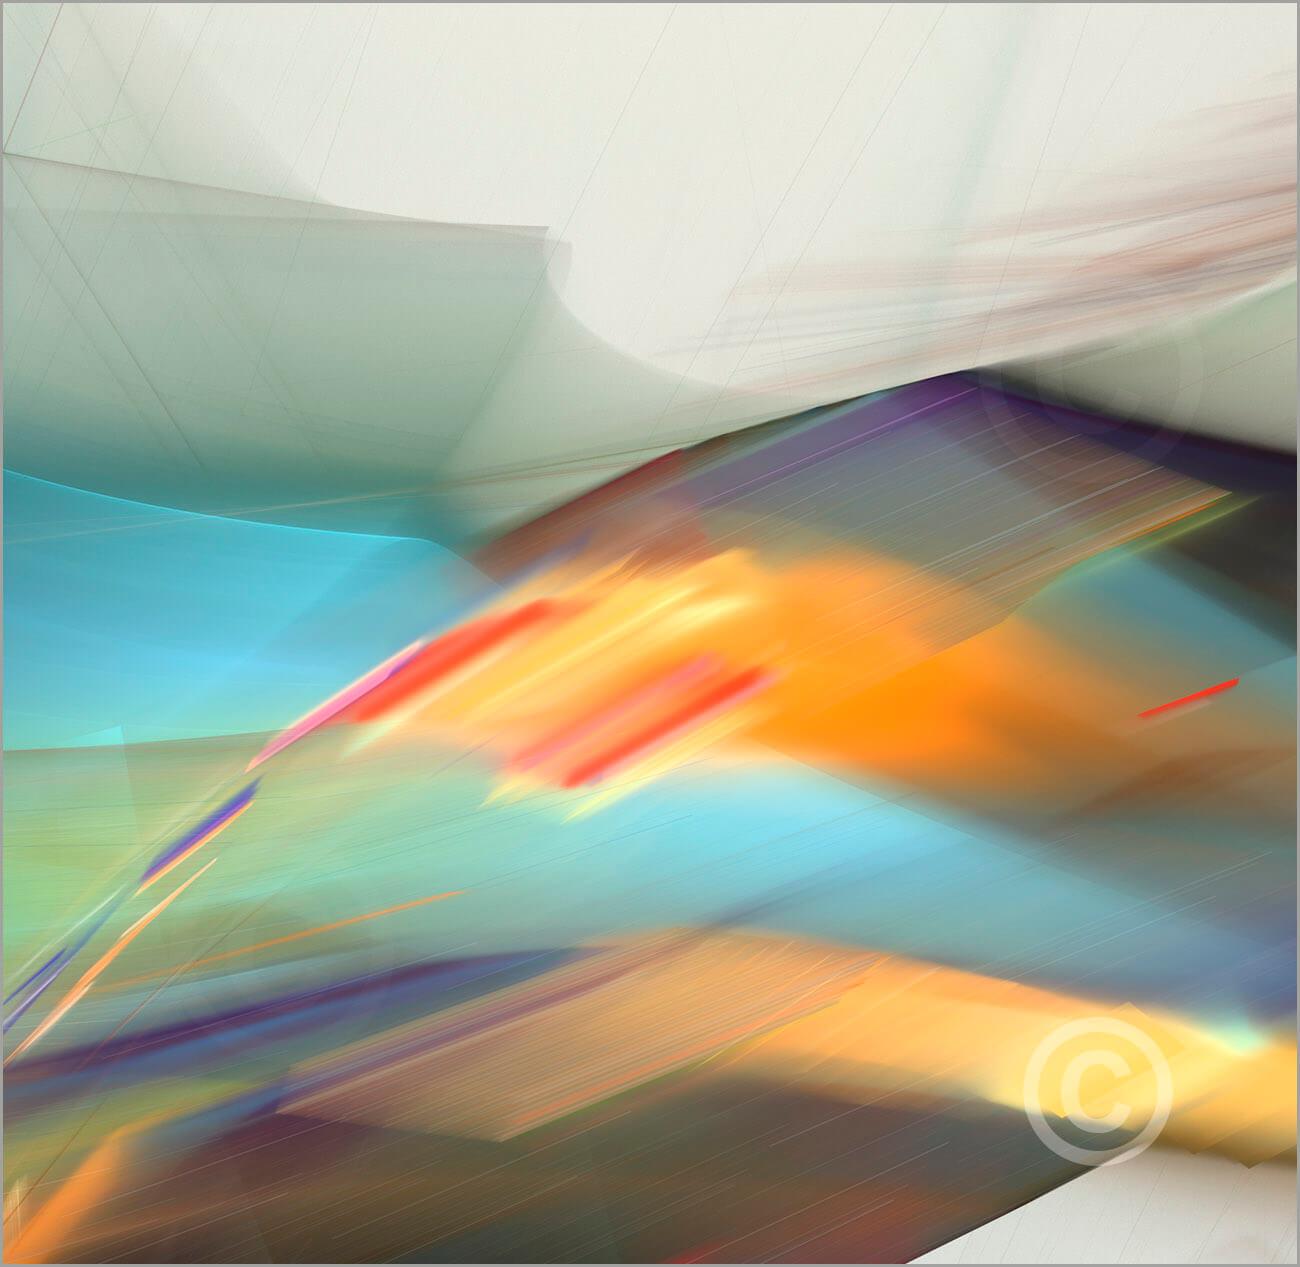 Colorshapes_F2_9882_M